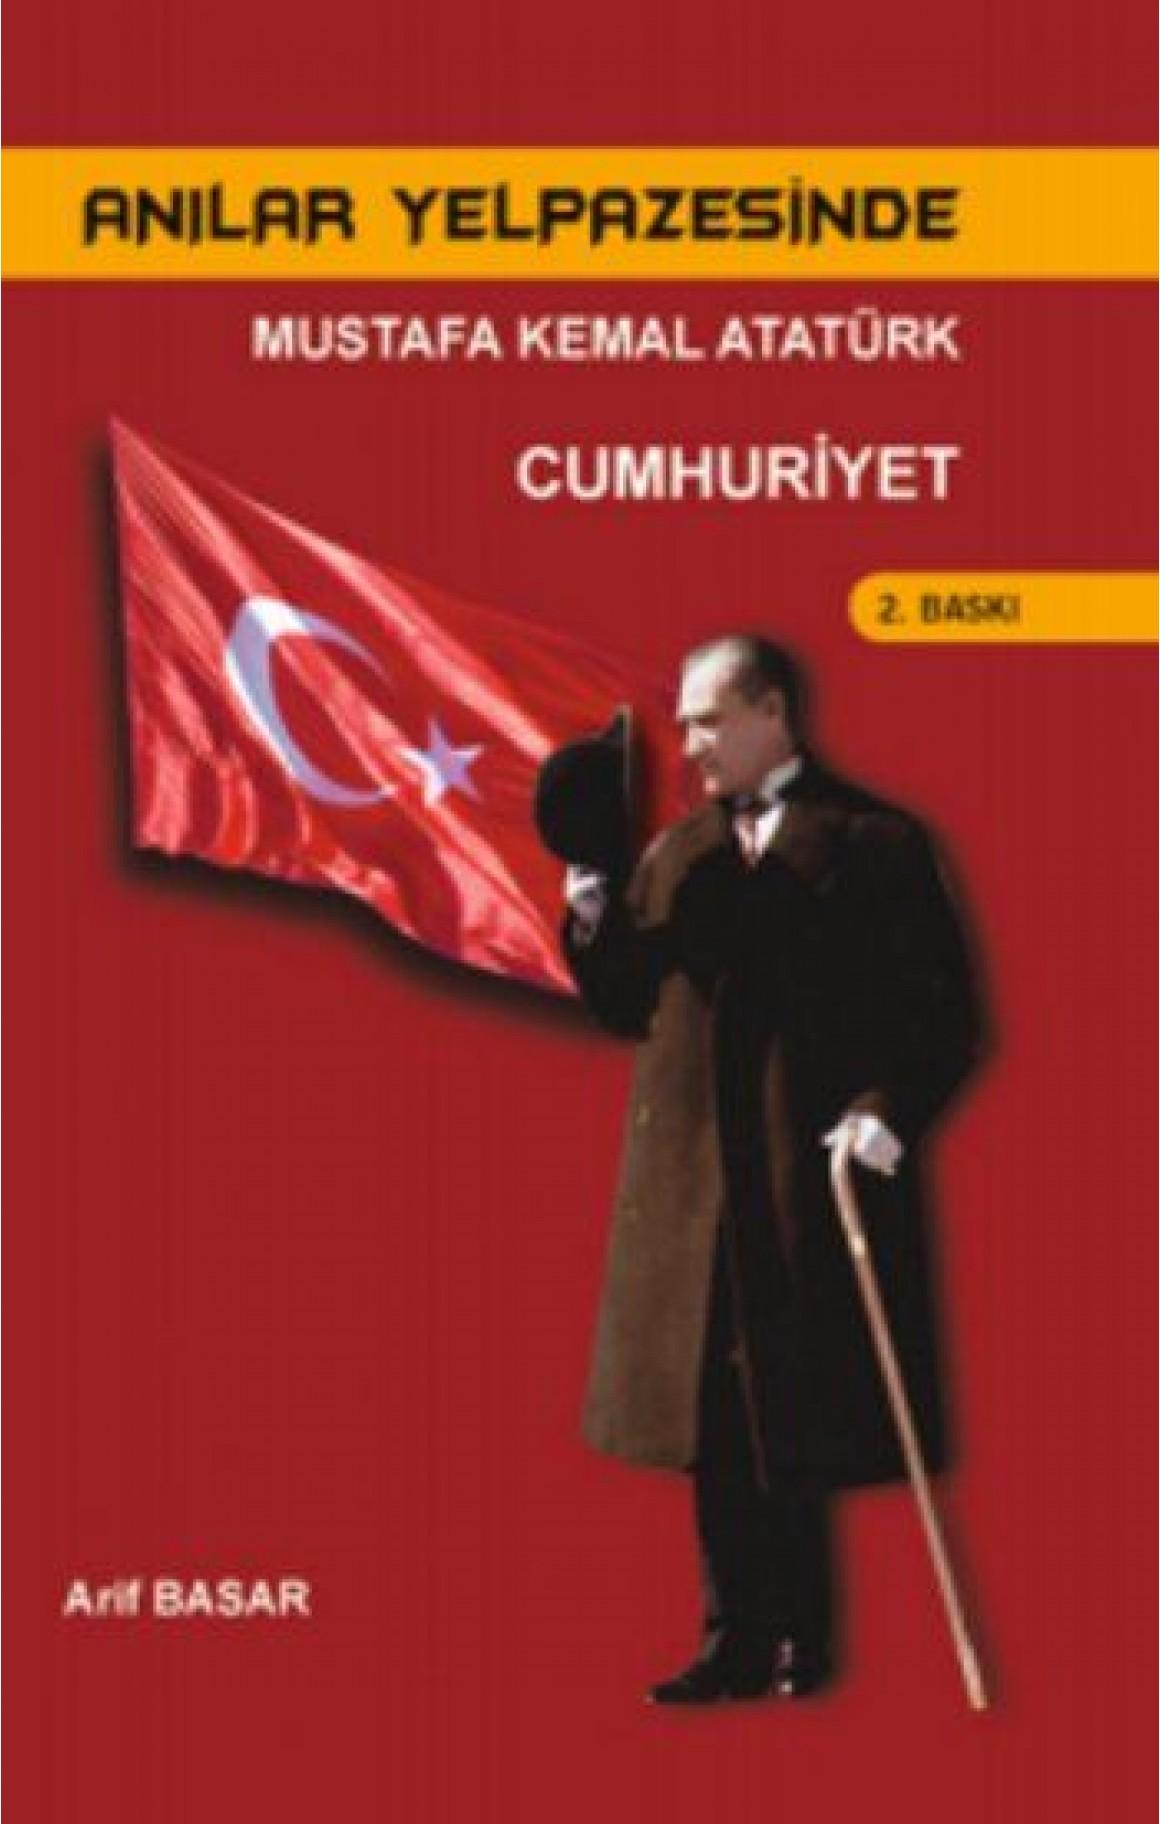 Mustafa Kemal Atatürk Cumhuriyet